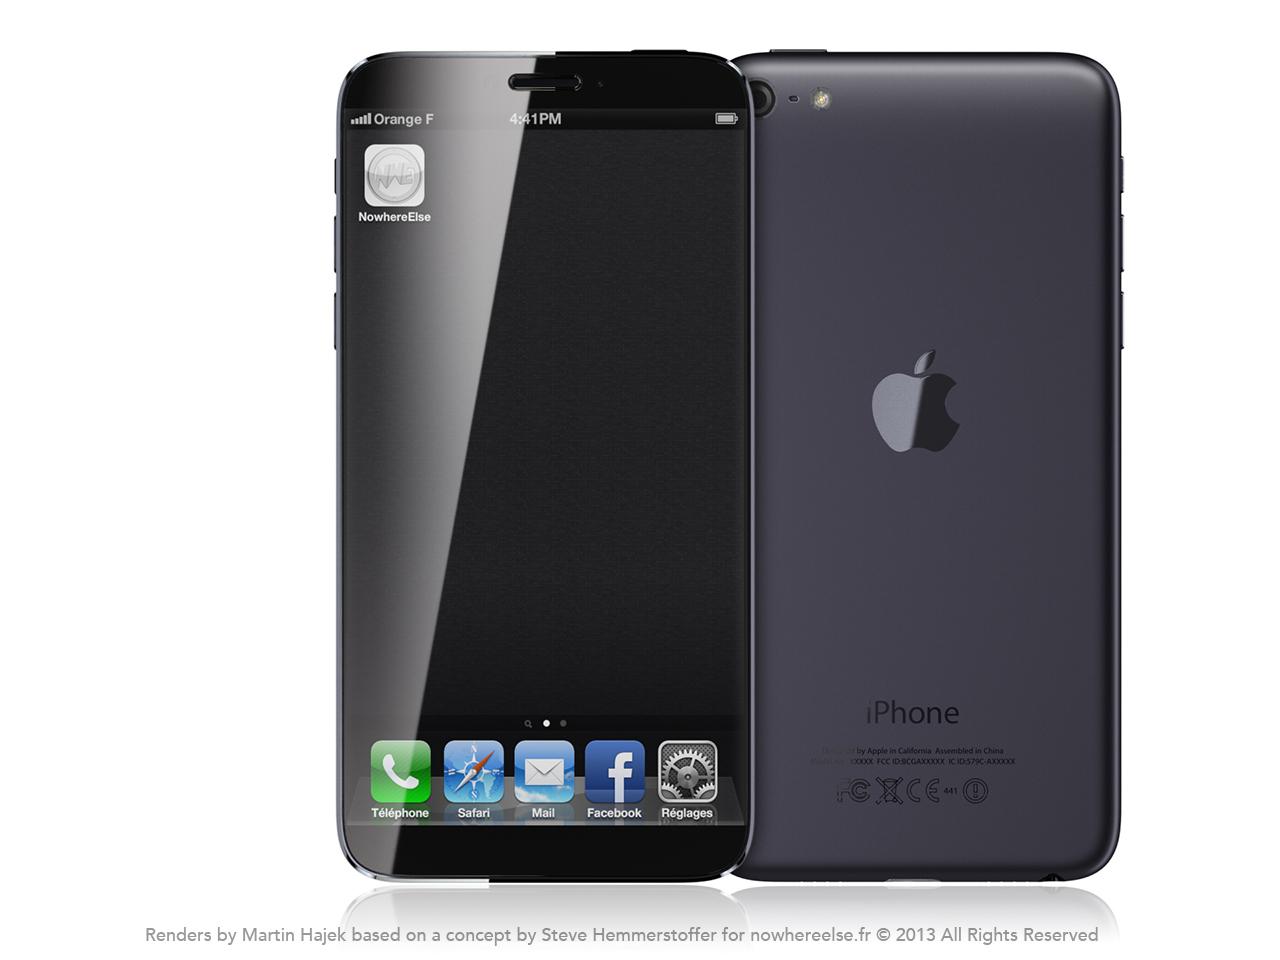 iPhone 6 mı geliyor yoksa iPhone 5S mi?